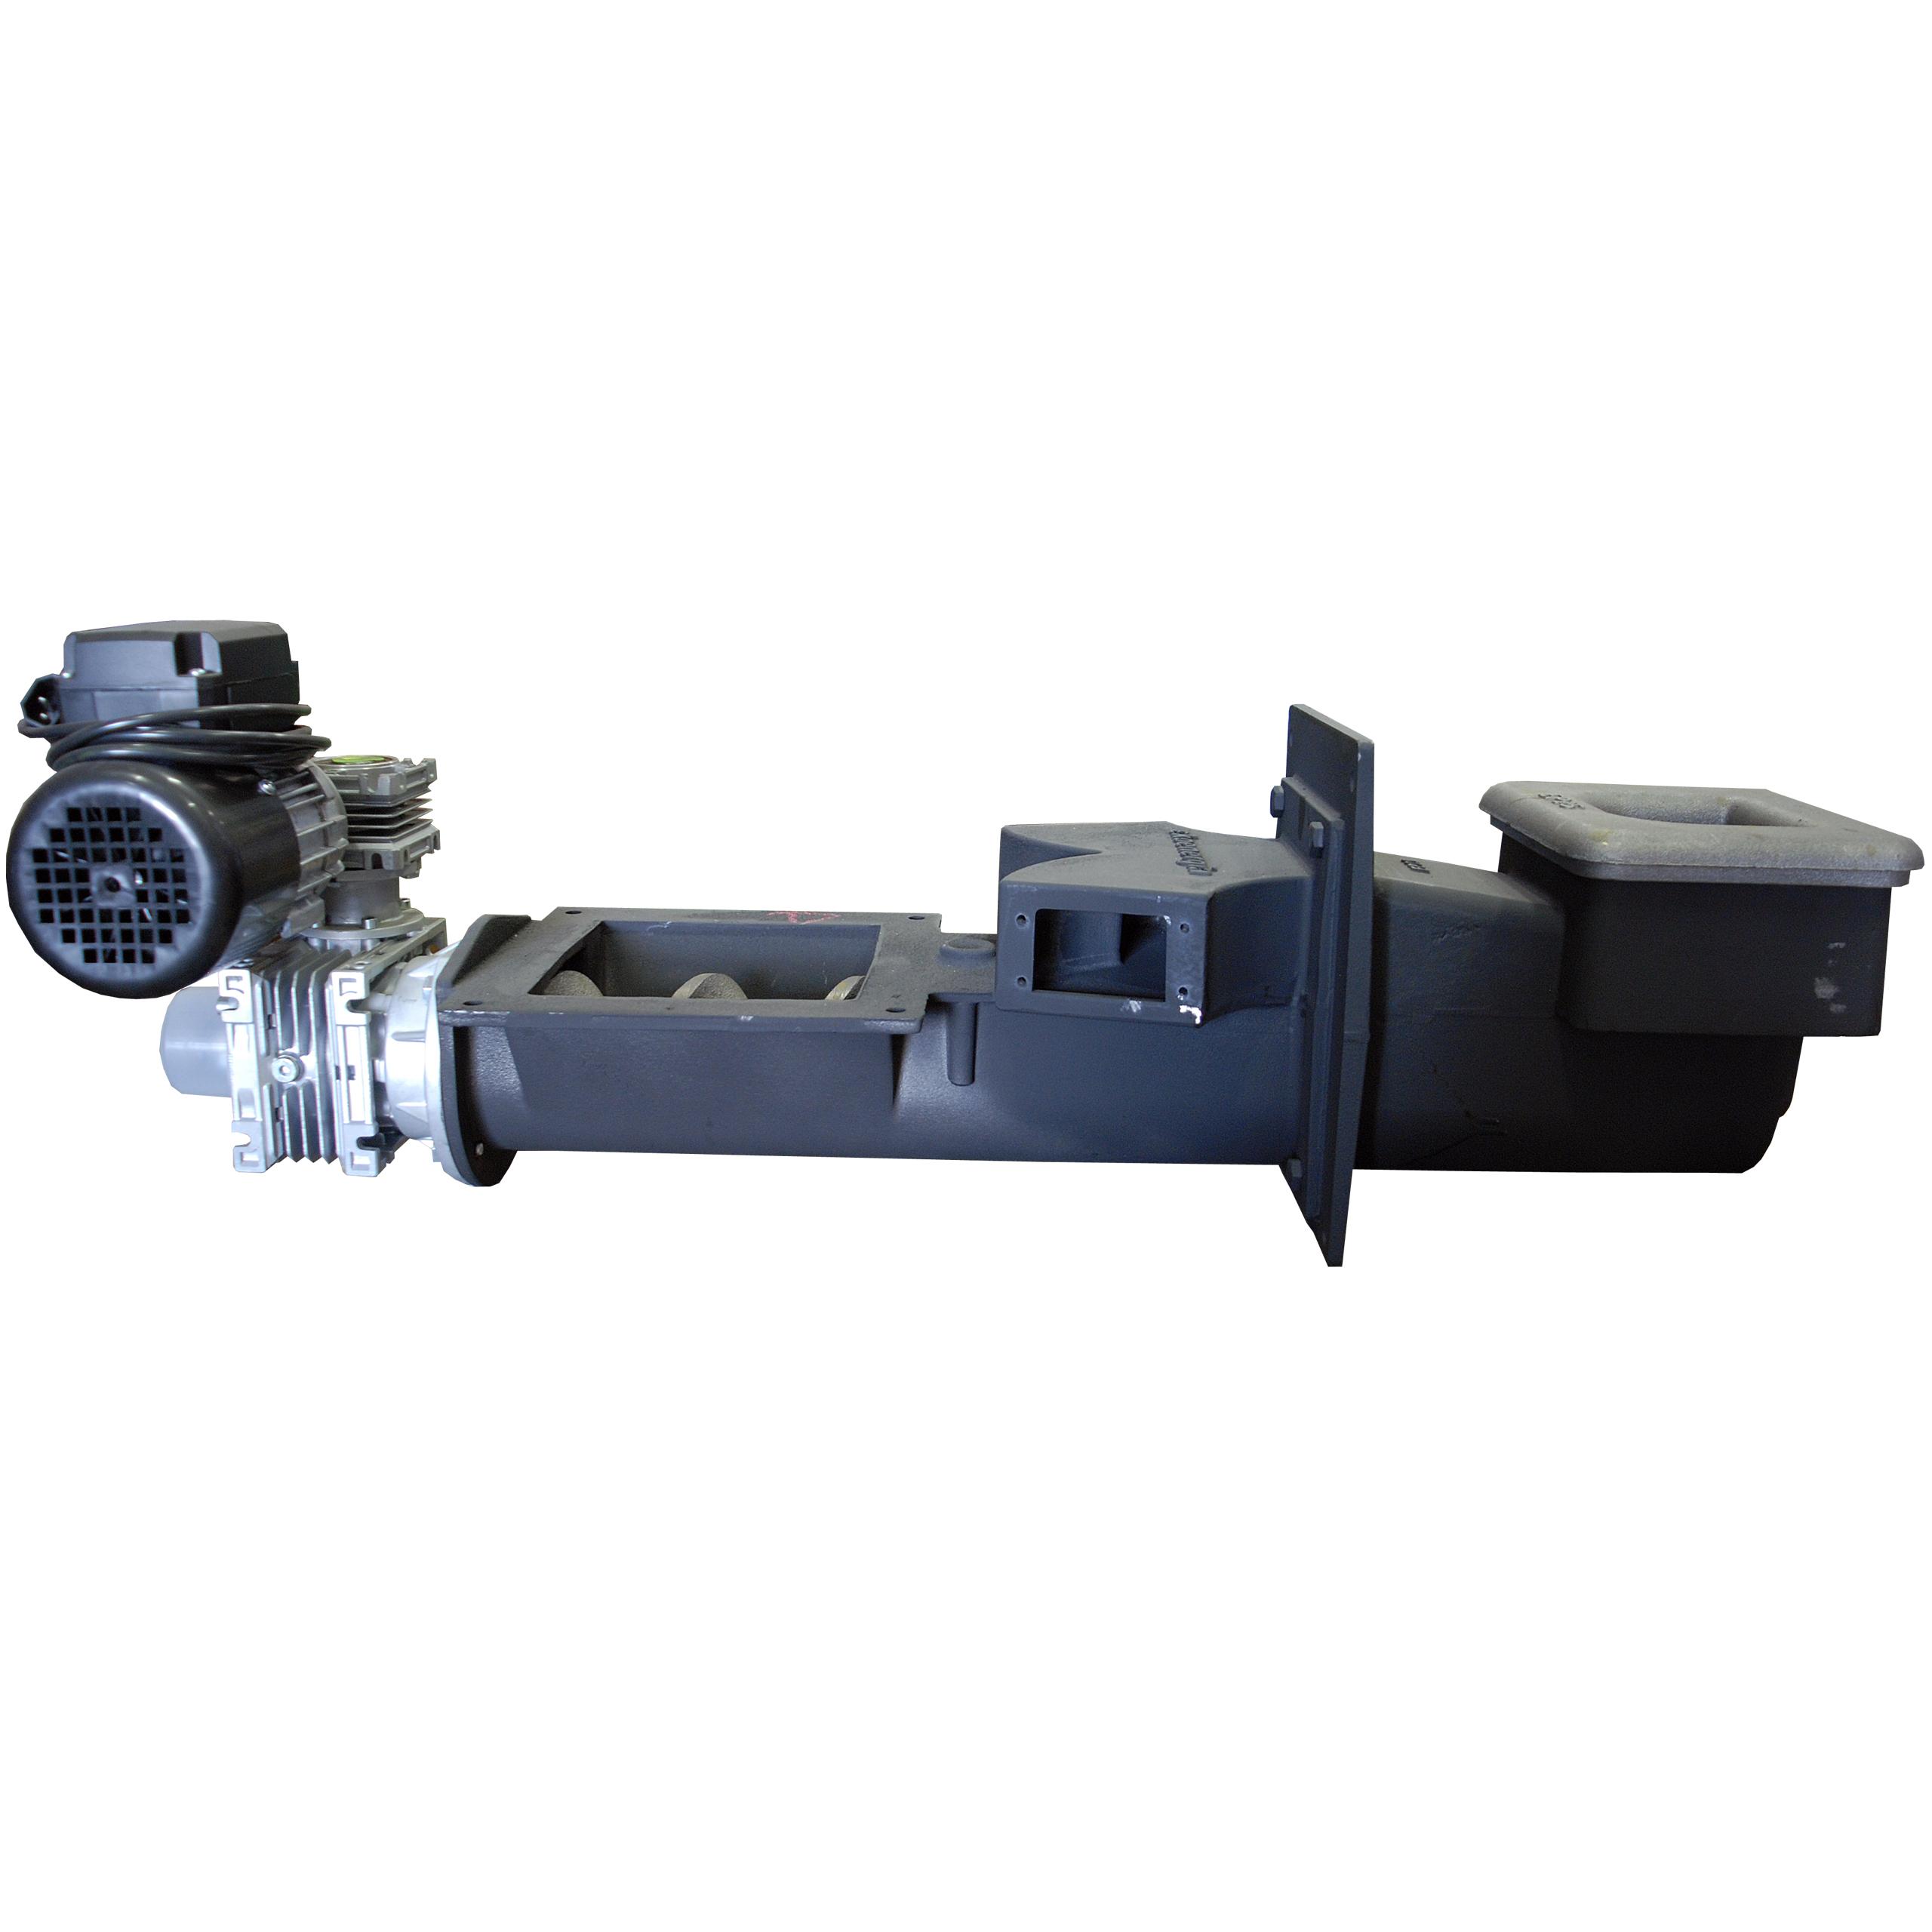 Podávač pre ekologické hrachové uhlie a jemné uhlie 15 kW ECO-ENERGY Hmotnosť produktu s jednotkovým balením 100 kg